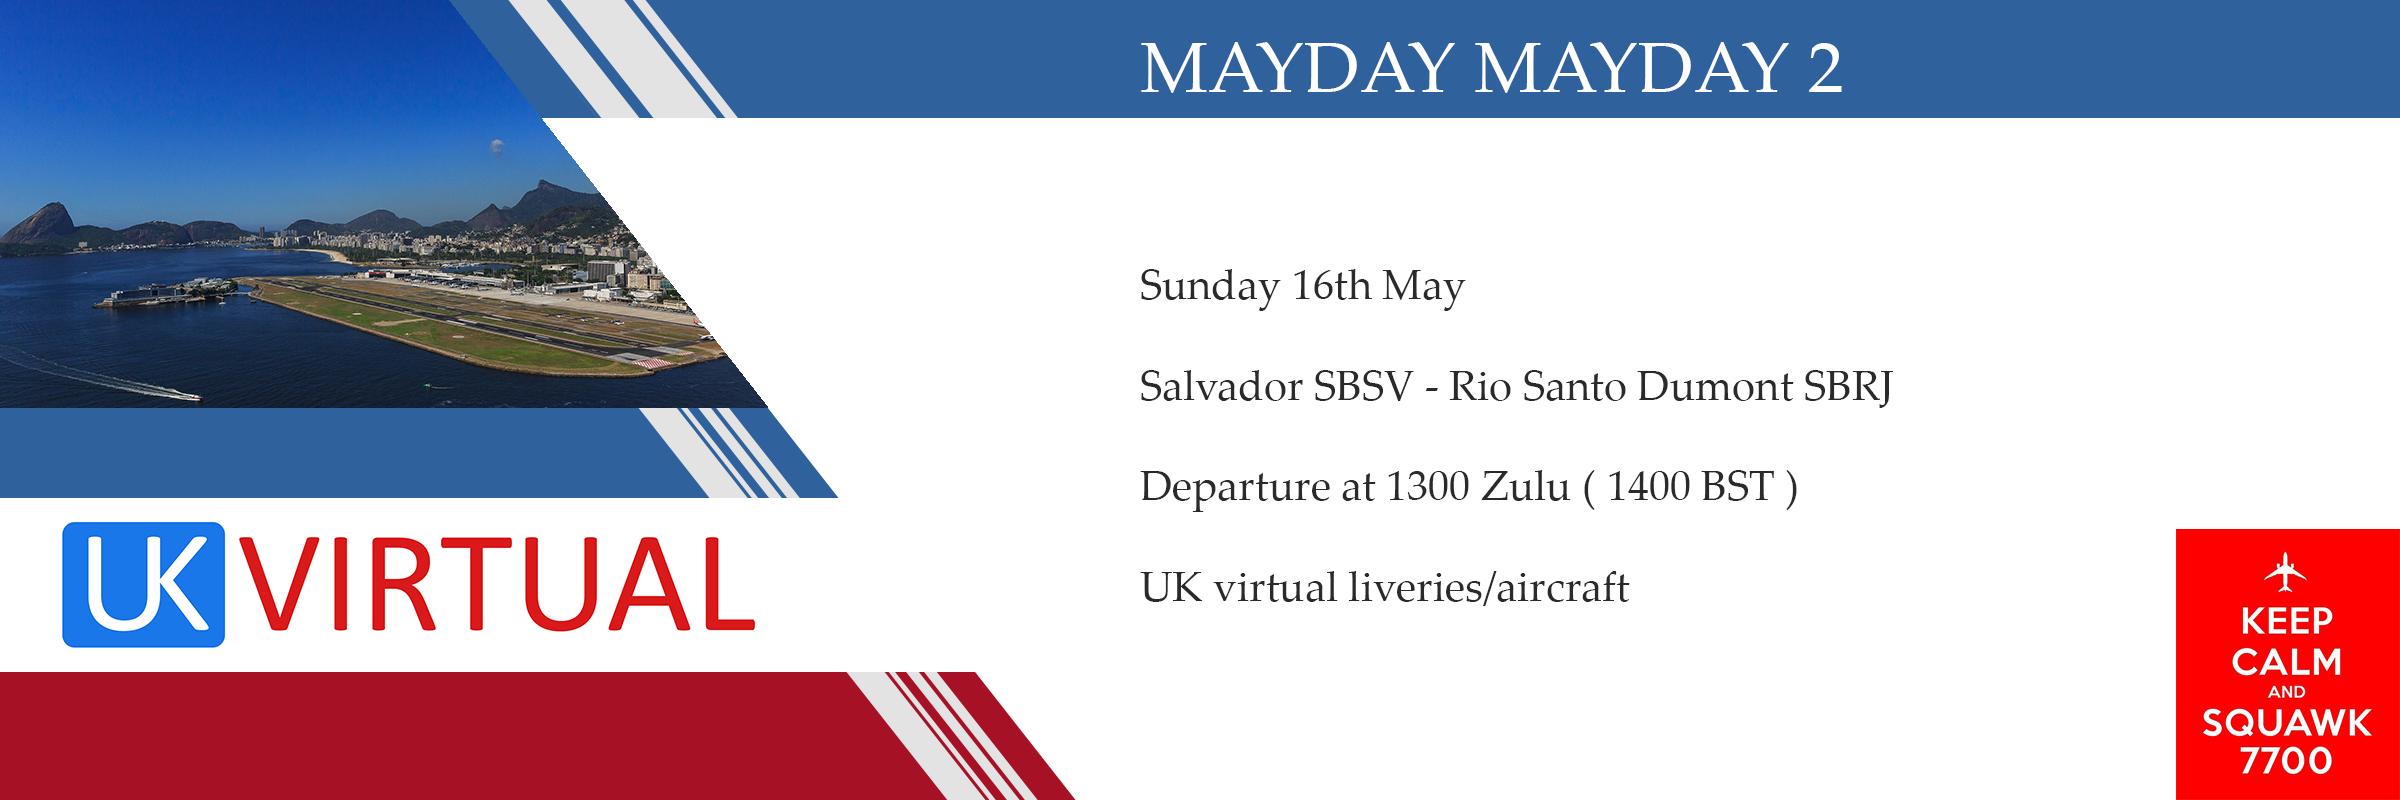 Mayday Mayday 2 Sunday 16th May